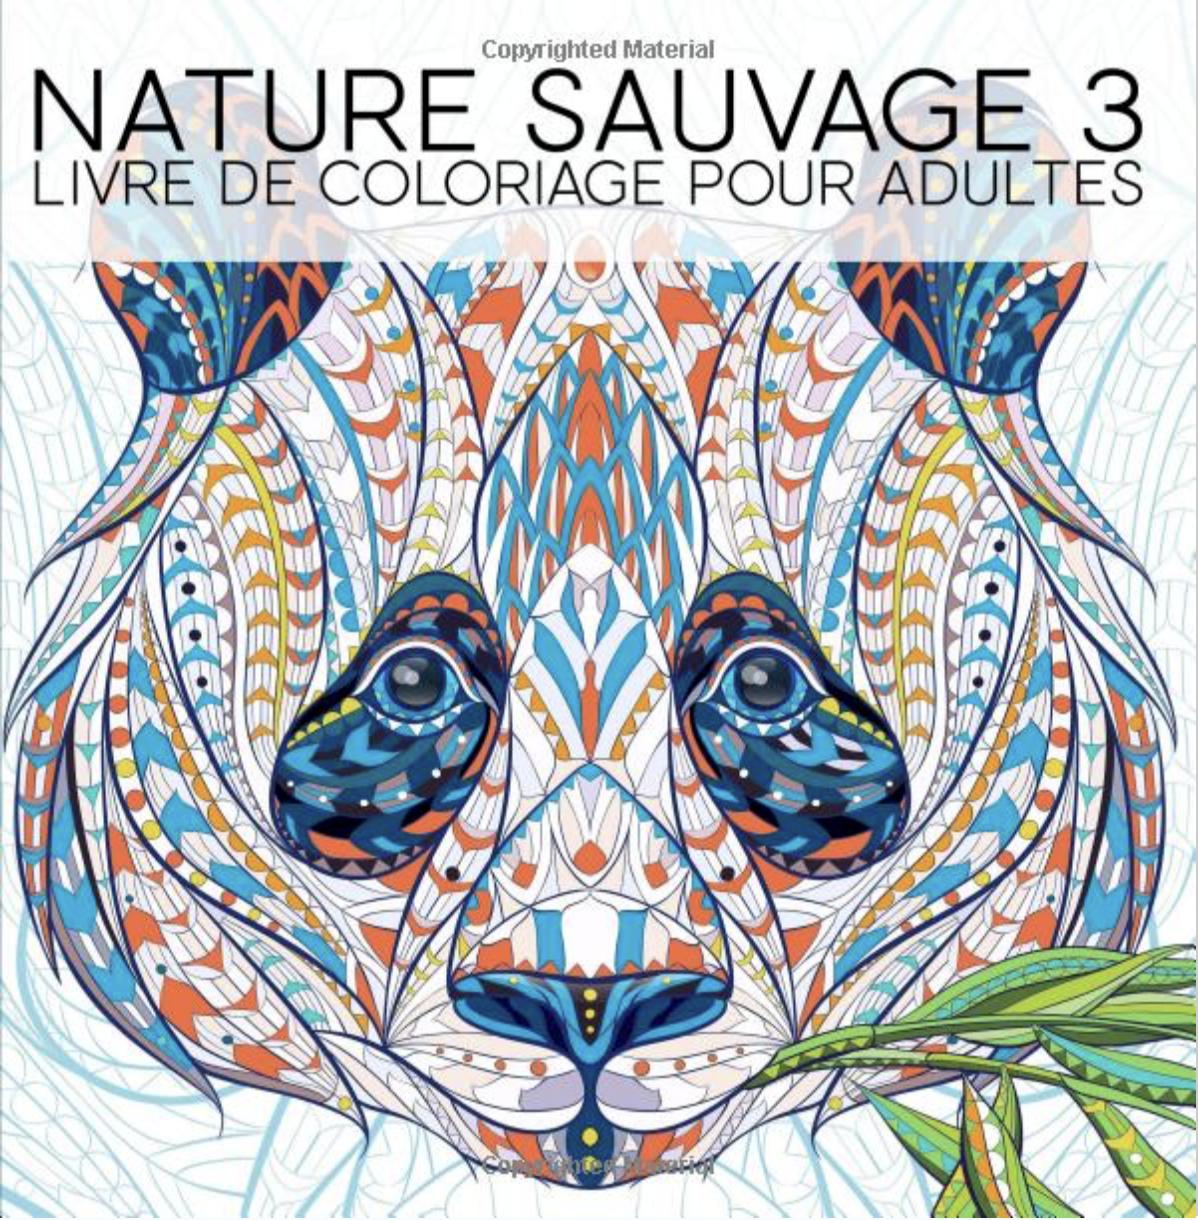 Nature Sauvage 3 Livre De Coloriage Pour Adultes